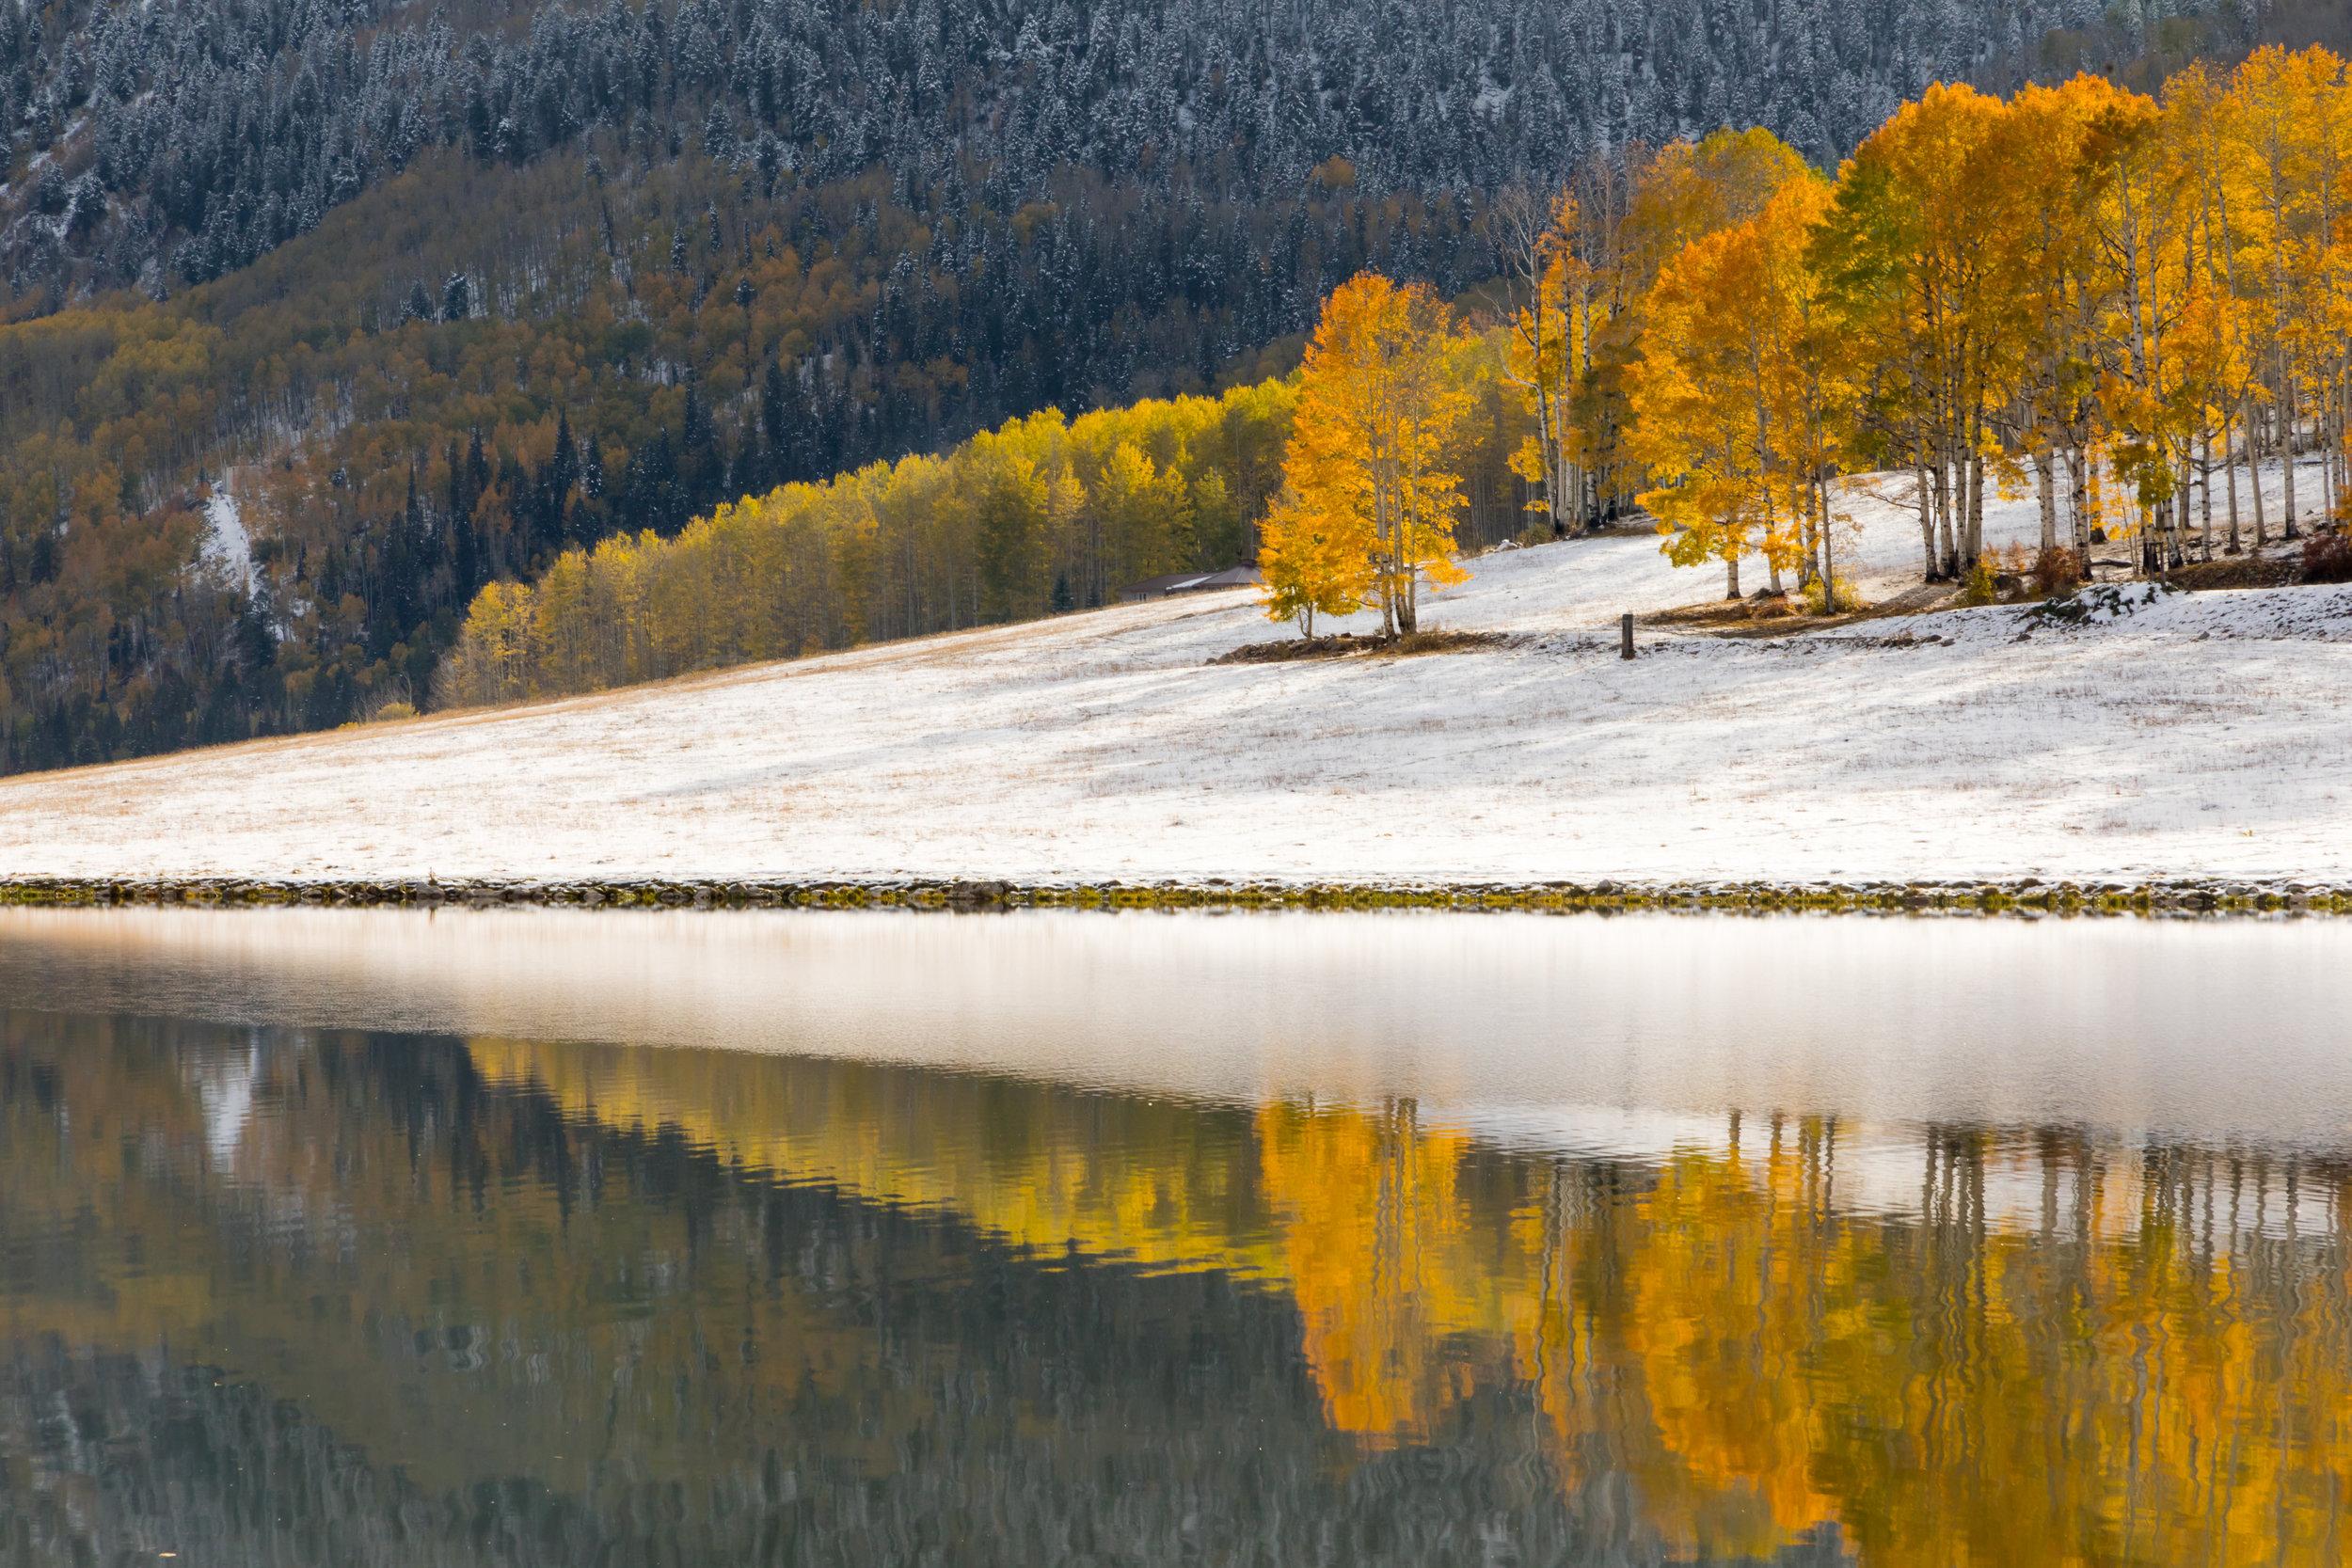 Hotter Pond, Image # 4322